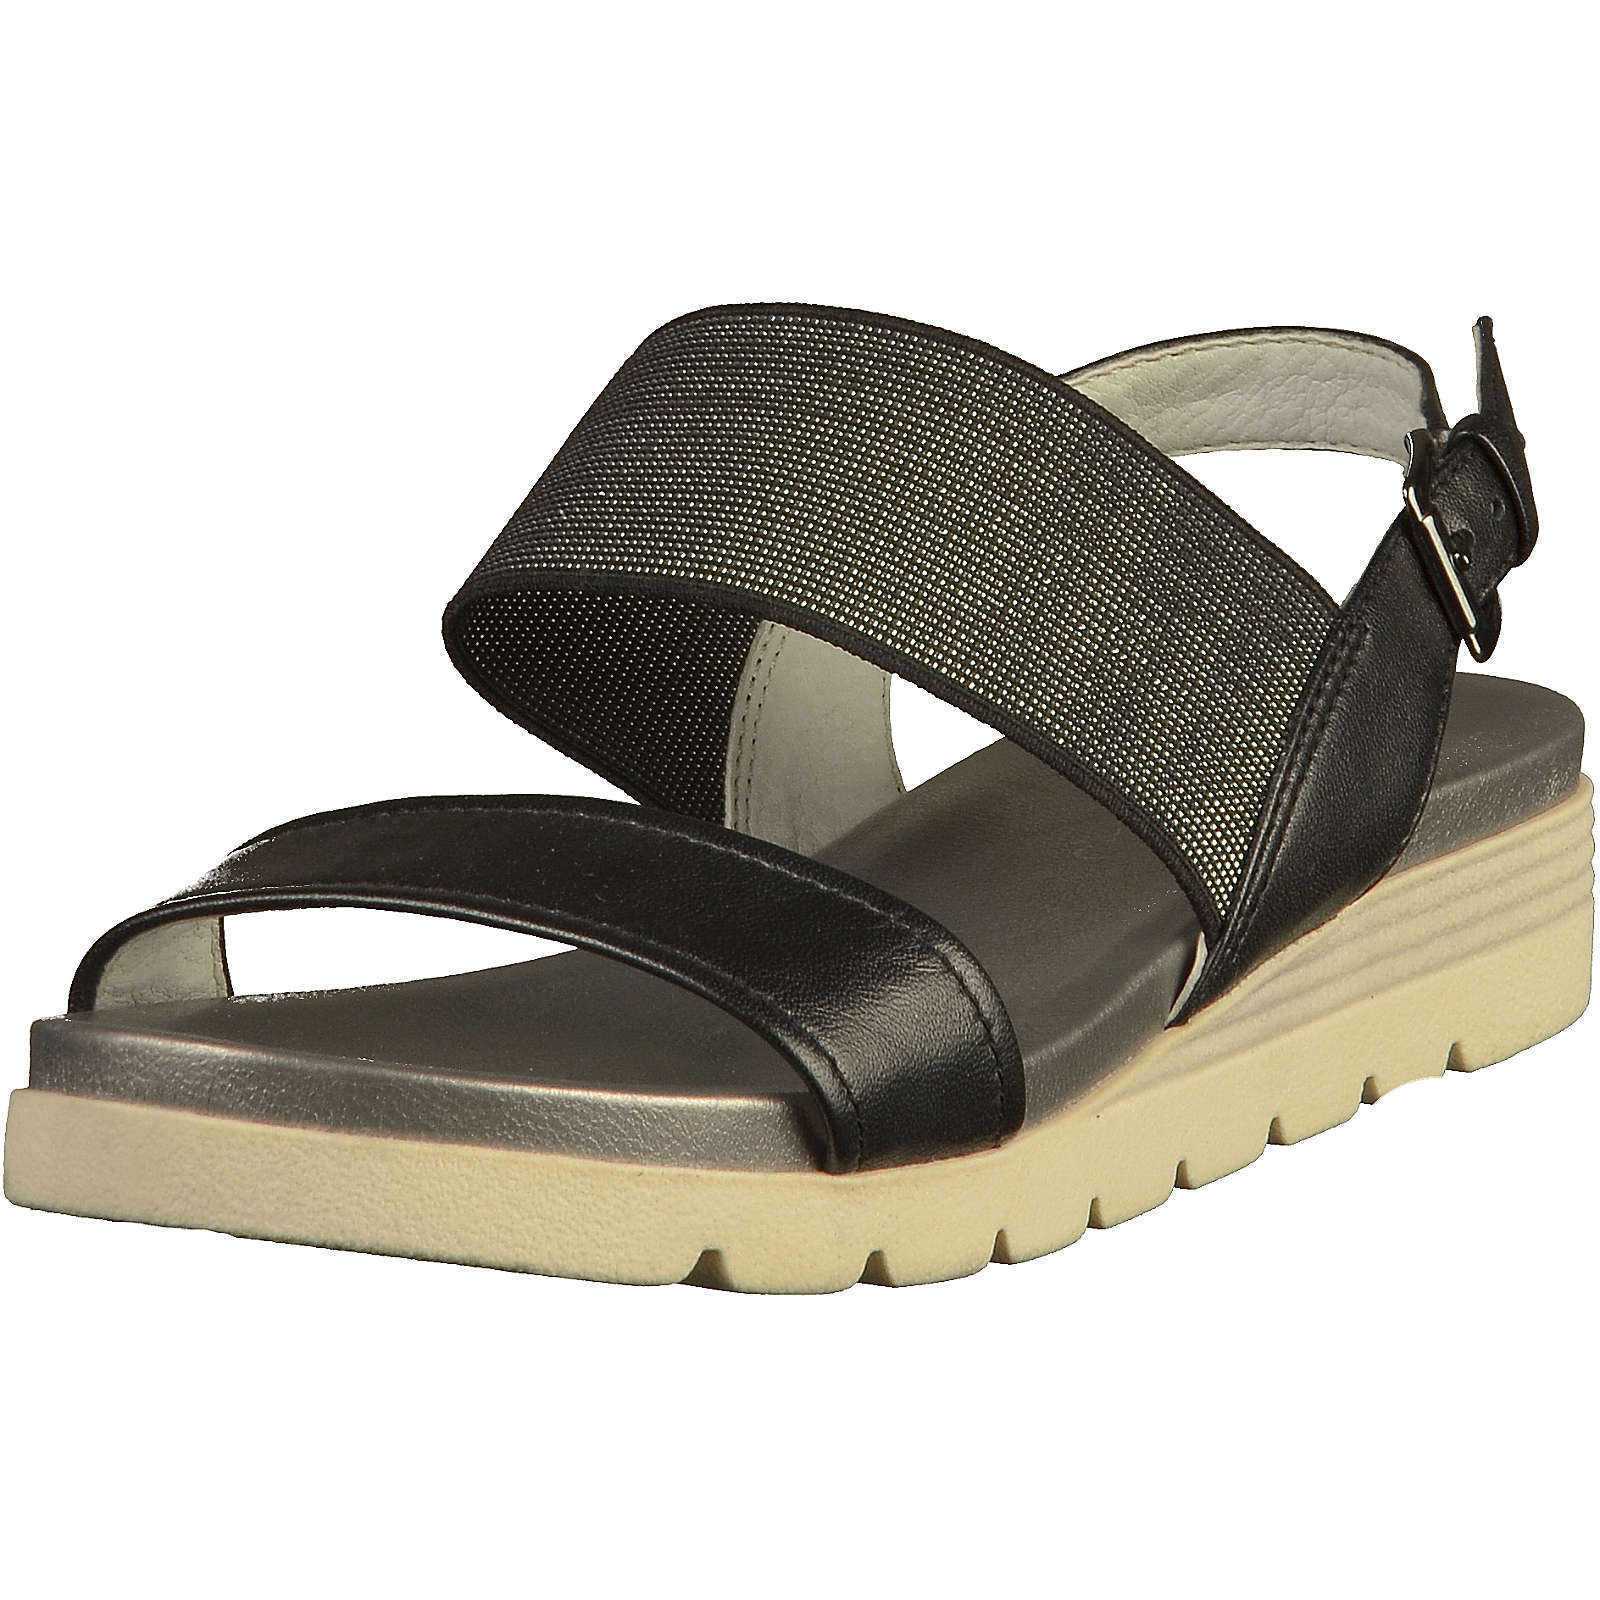 CAPRICE Sandalen Klassische Sandaletten schwarz Damen Gr. 41